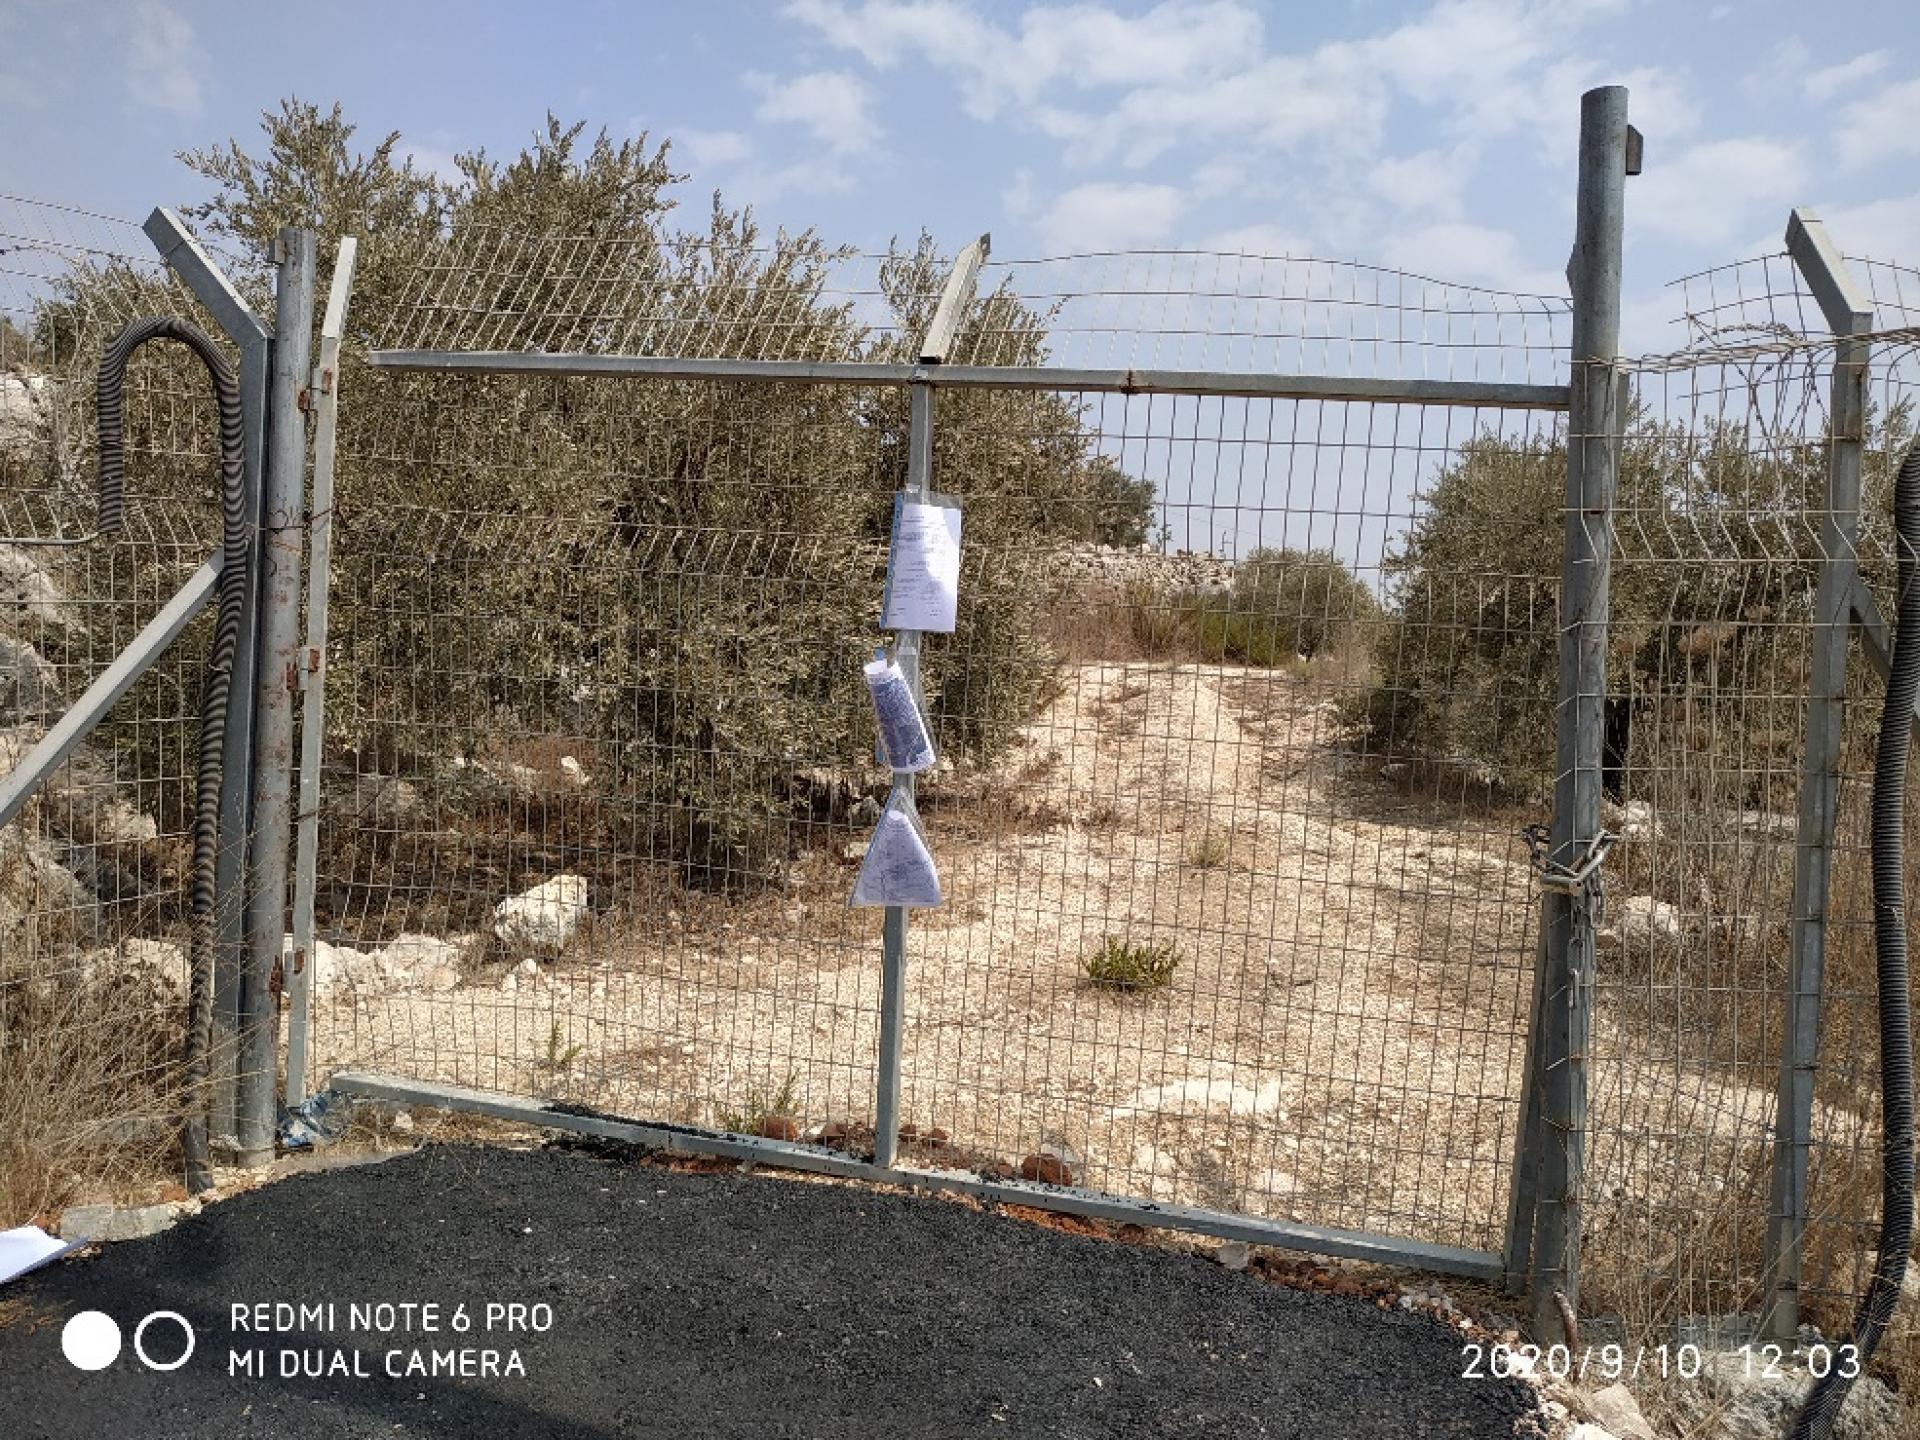 השער החוסם את הדרך לכרם הזיתים ולאתר